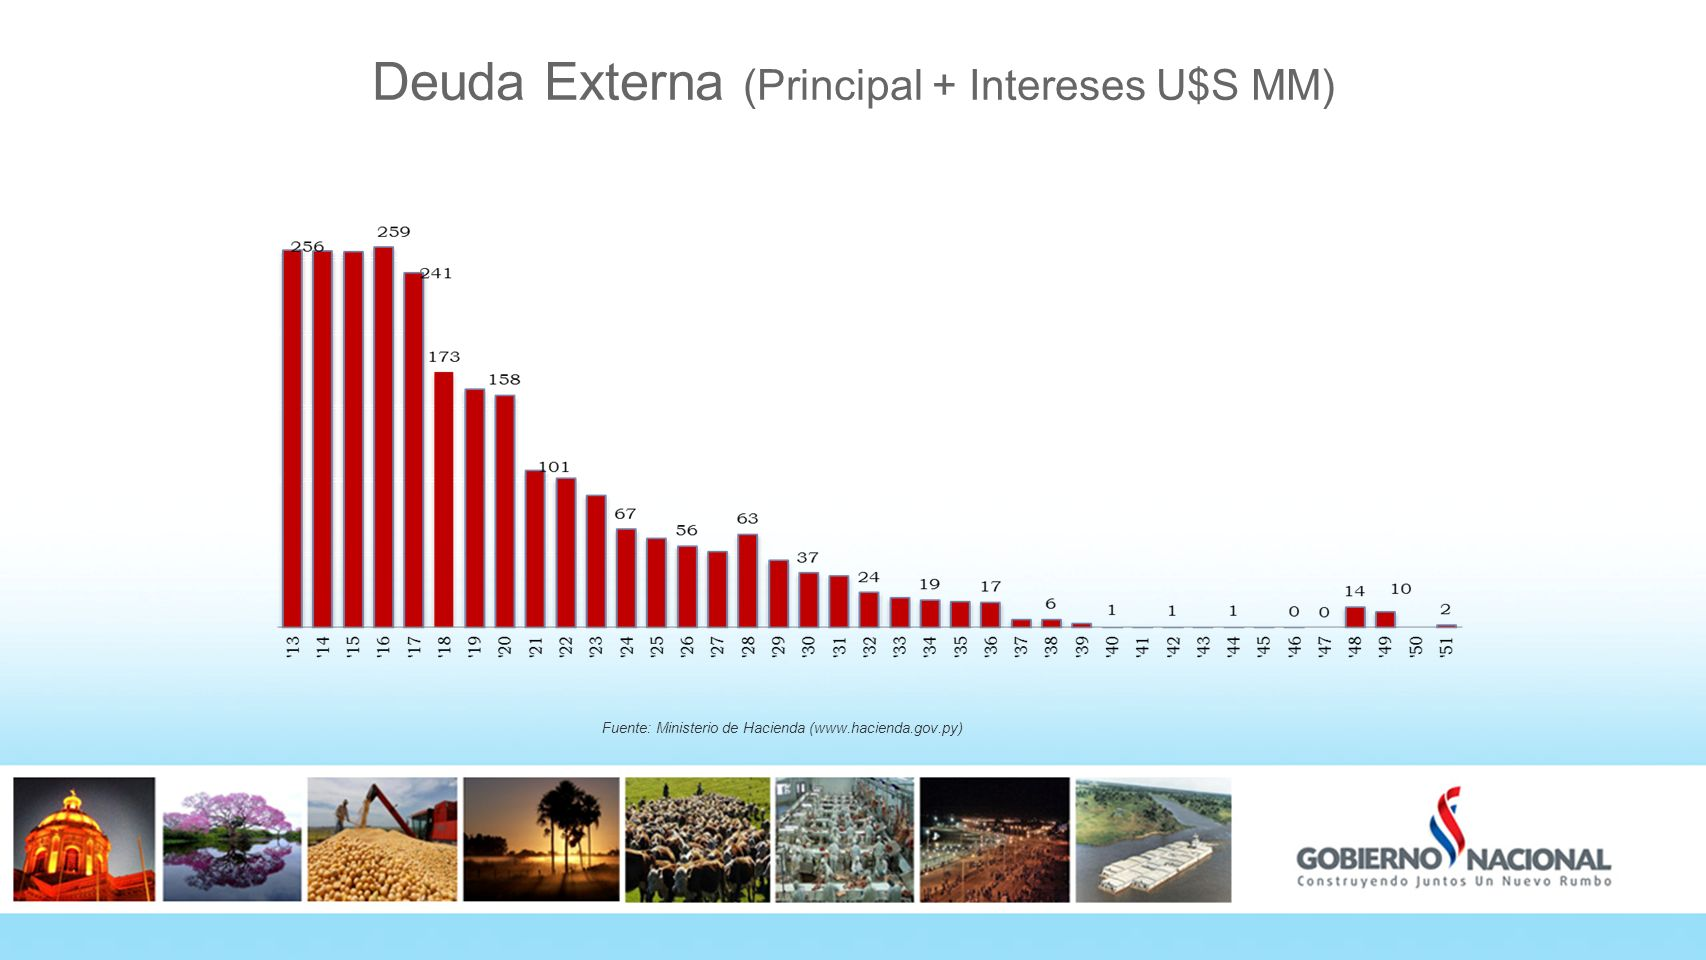 Deuda Externa (Principal + Intereses U$S MM) Fuente: Ministerio de Hacienda (www.hacienda.gov.py)